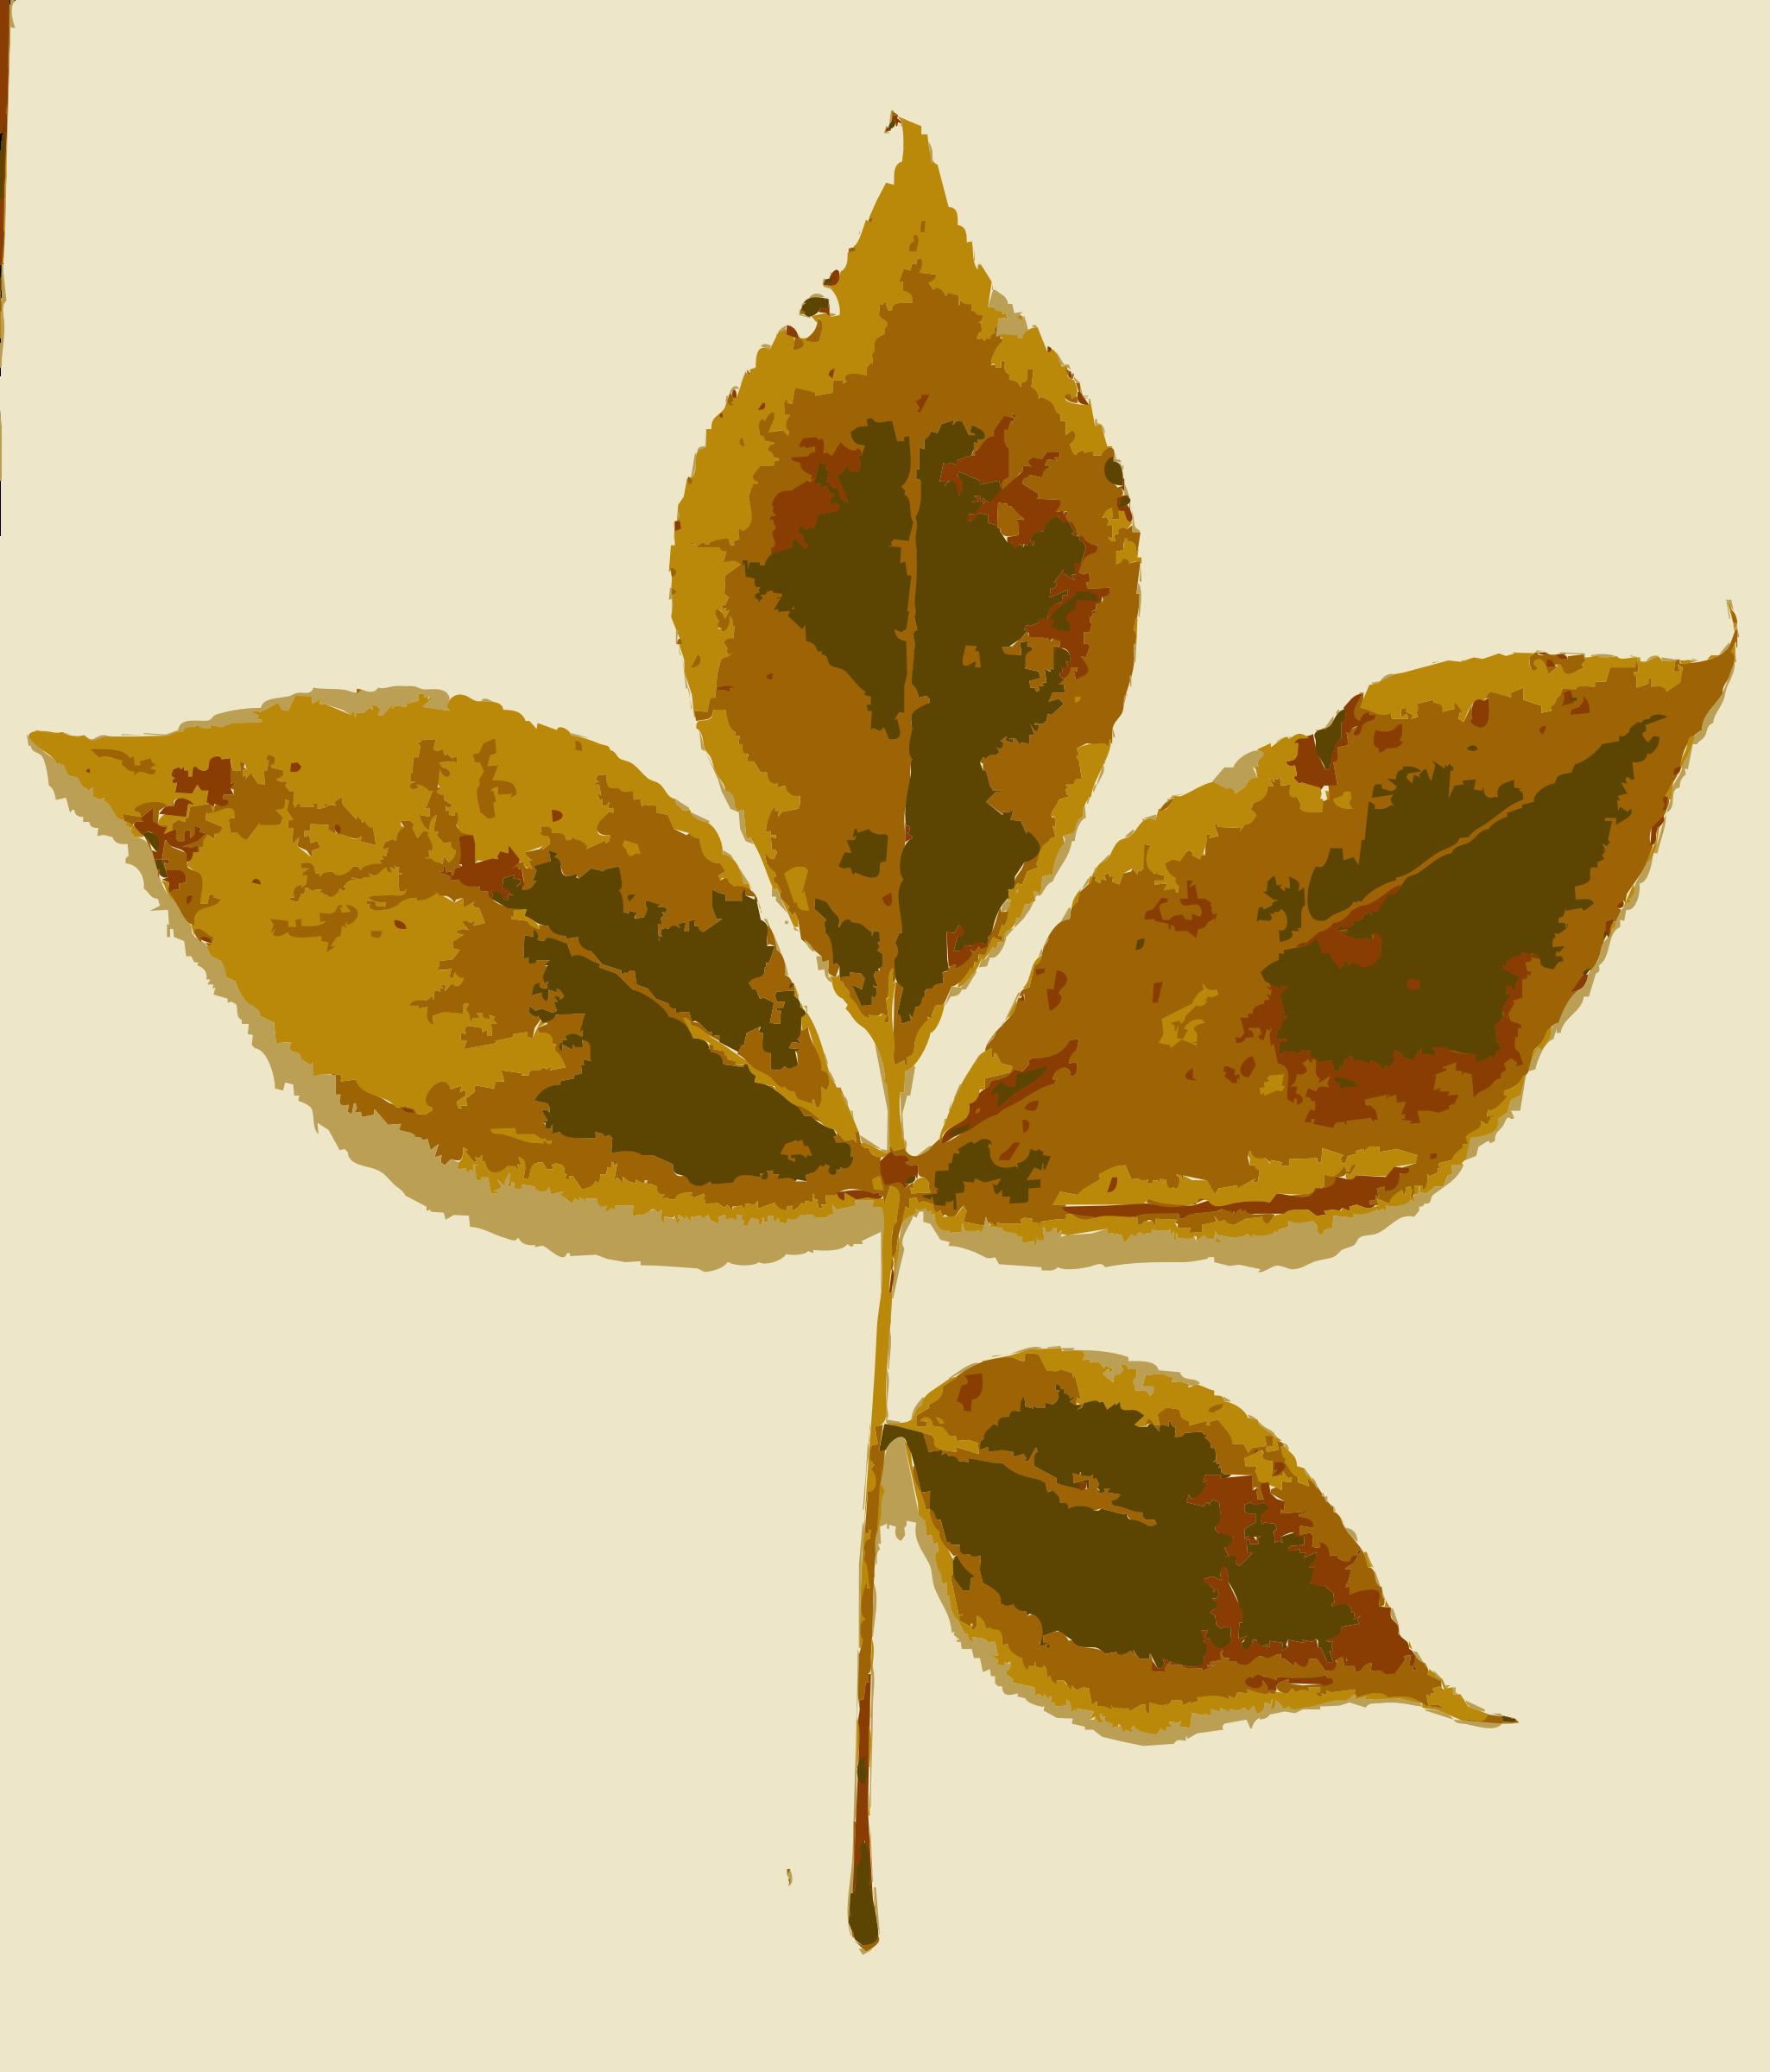 clipart various missouri tree leaves